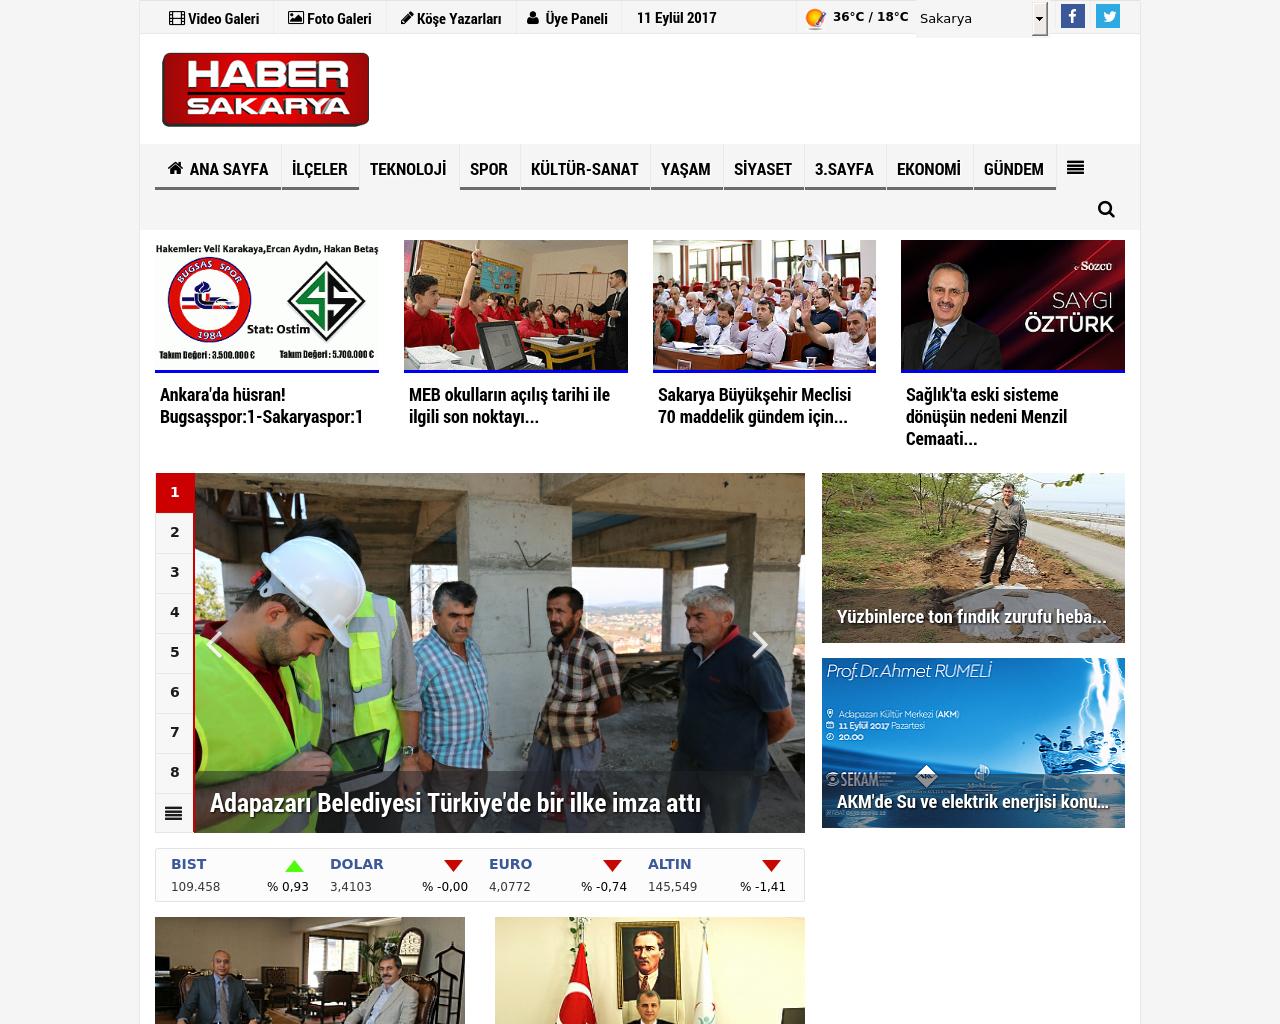 Haber-Sakarya-Advertising-Reviews-Pricing